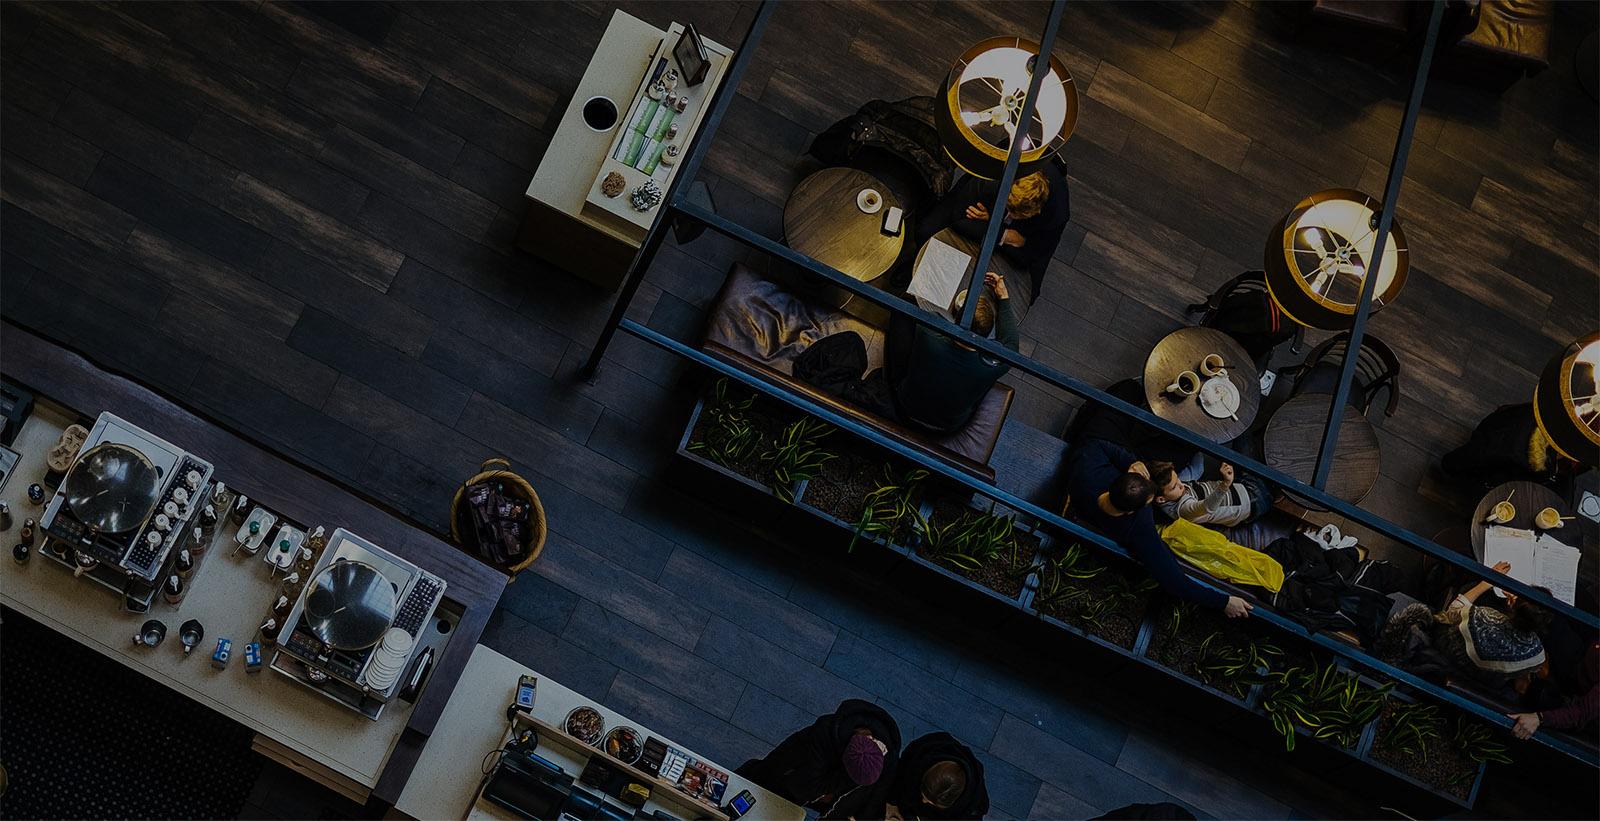 restaurant birdseye view background